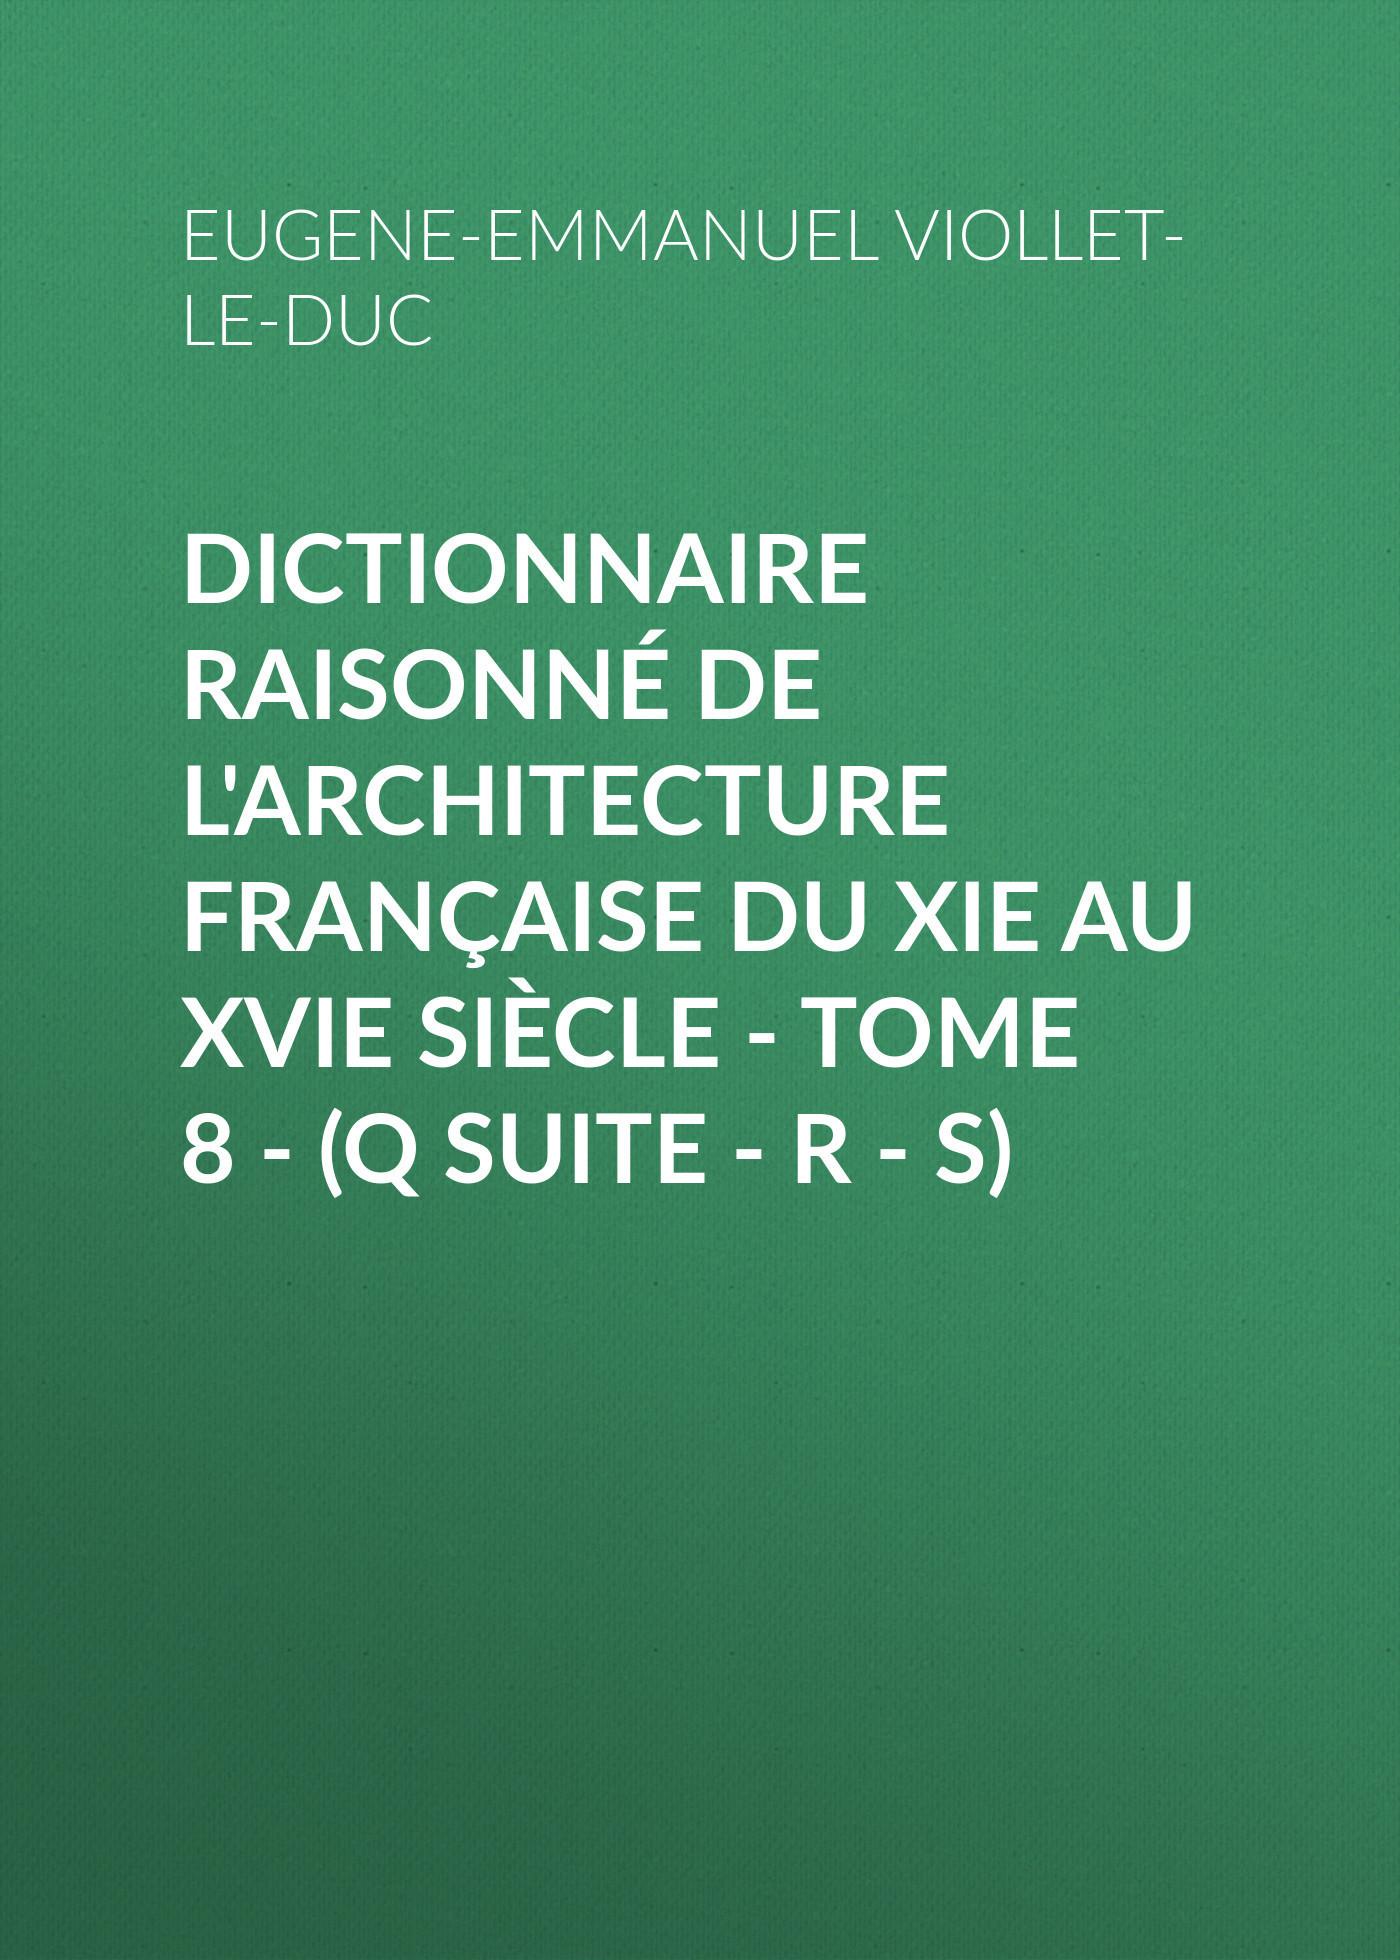 Eugene-Emmanuel Viollet-le-Duc Dictionnaire raisonné de l'architecture française du XIe au XVIe siècle - Tome 8 - (Q suite - R - S) diesel 00sw1p q r 0860h 01